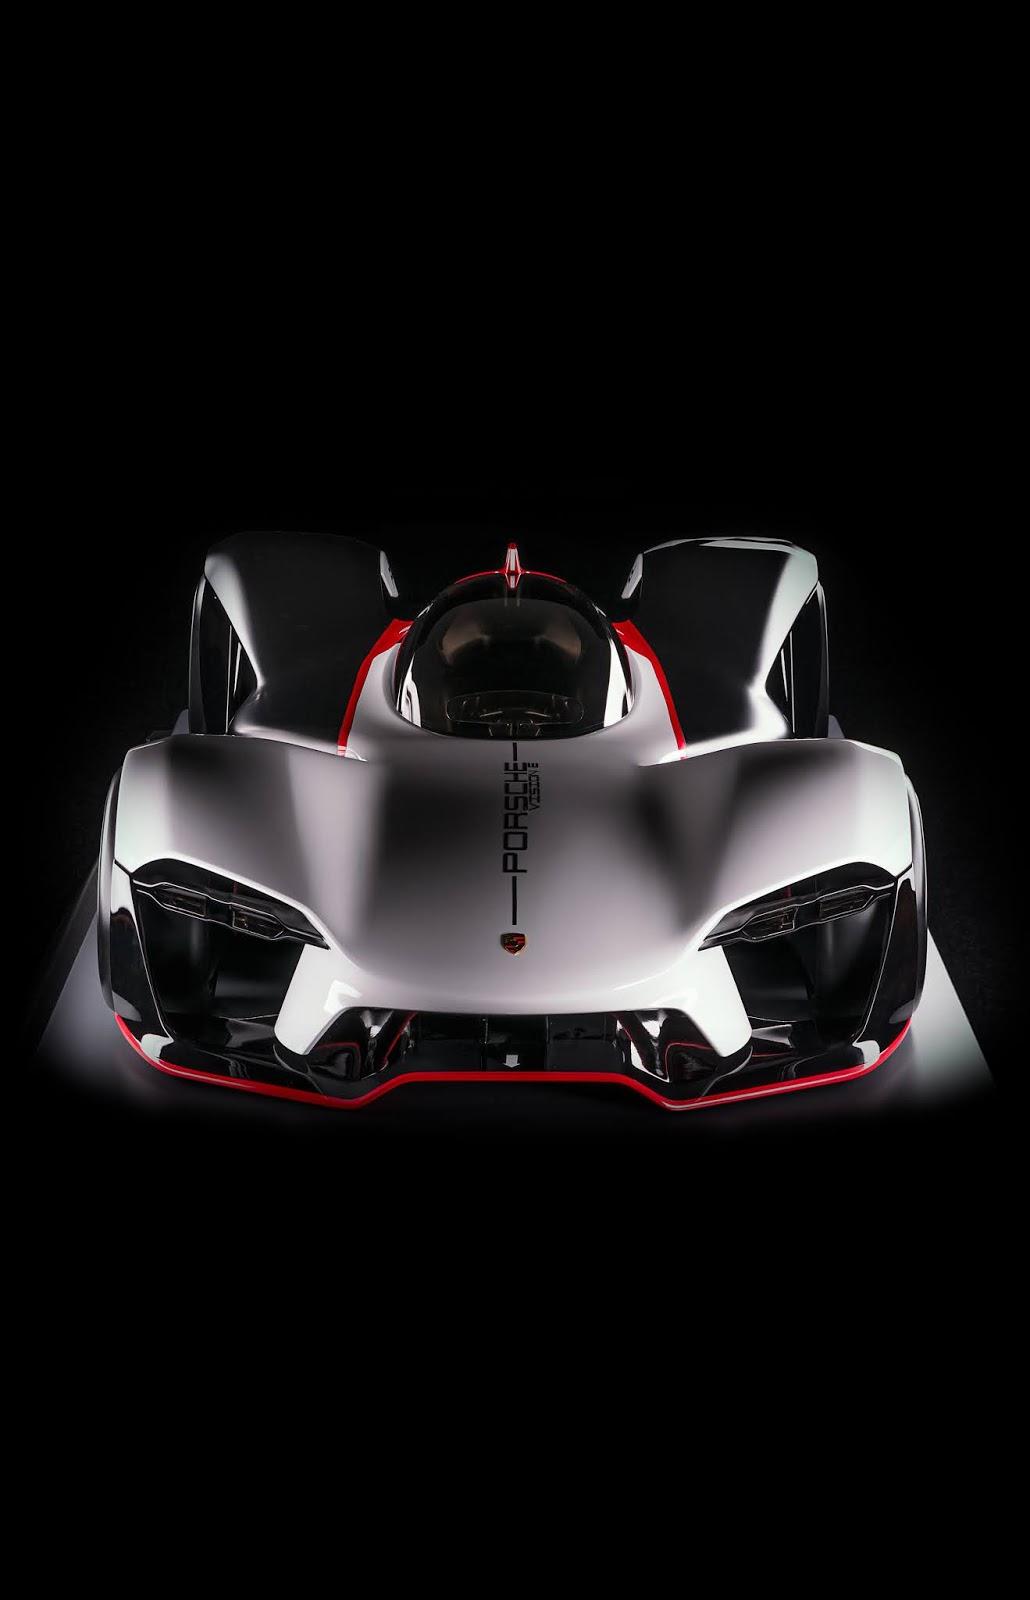 Capture0046 Τα άγνωστα Hypercars της Porsche hypercar, Porsche, Porsche Unseen, Sunday, supercar, supercars, zblog, ειδήσεις